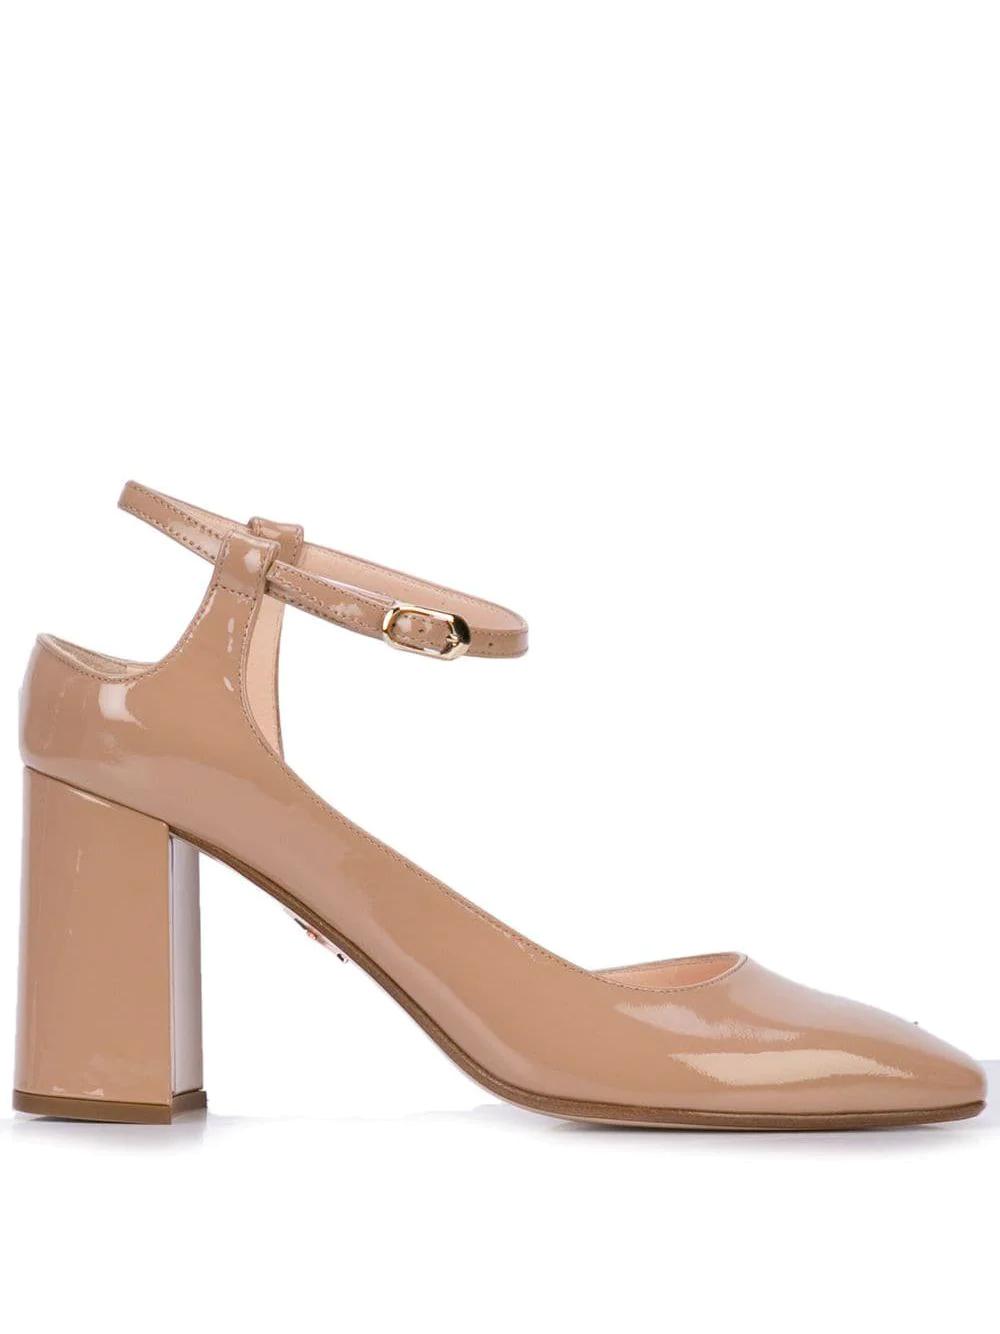 Andrea Gomez | туфли-лодочки Goia с асимметричным вырезом | Clouty